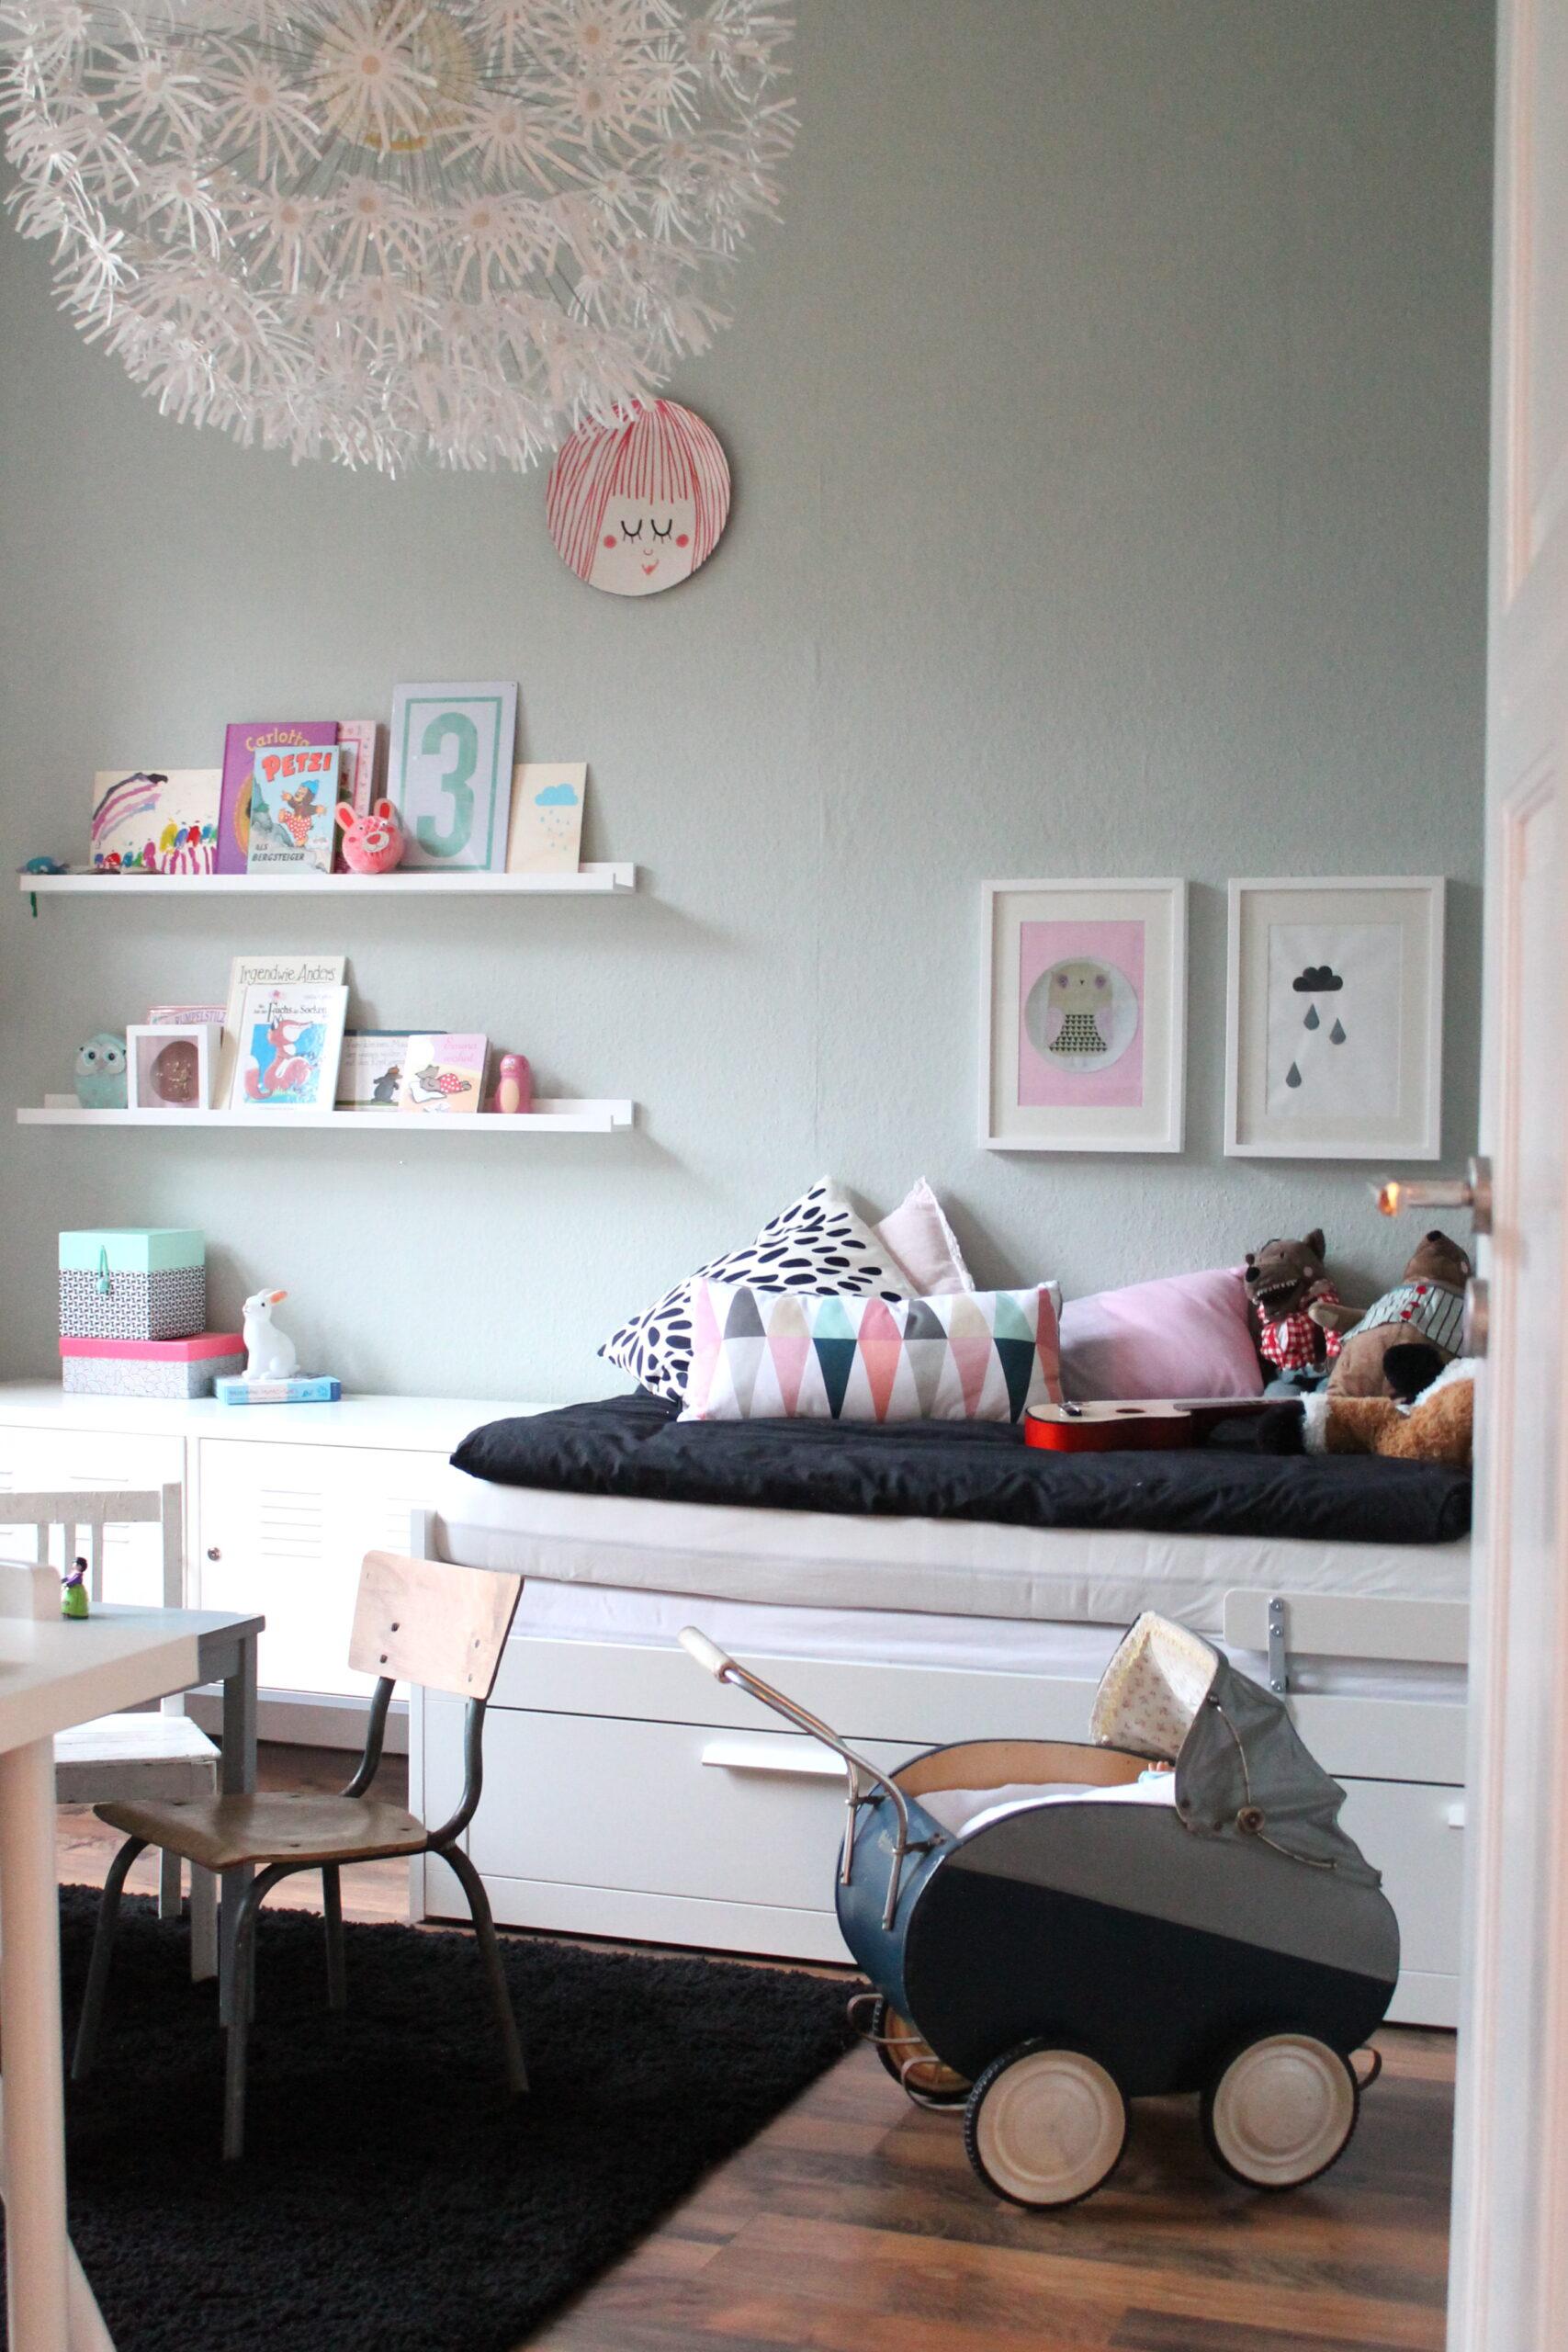 Full Size of Schnsten Ideen Fr Dein Kinderzimmer Sofa Regal Weiß Regale Kinderzimmer Einrichtung Kinderzimmer